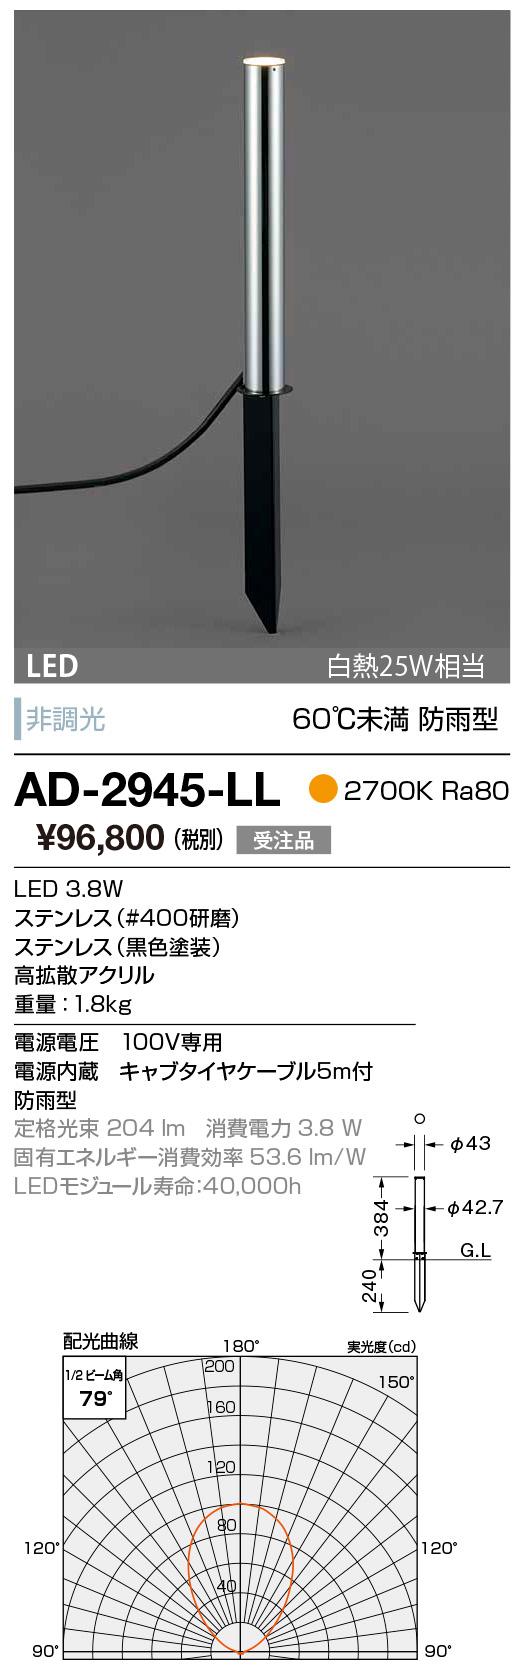 AD-2945-LL 山田照明 照明器具 エクステリア LED一体型スーパースリムガーデンライト アッパー配光 電球色 白熱25W相当 非調光 60℃未満 防雨型 AD-2945-LL